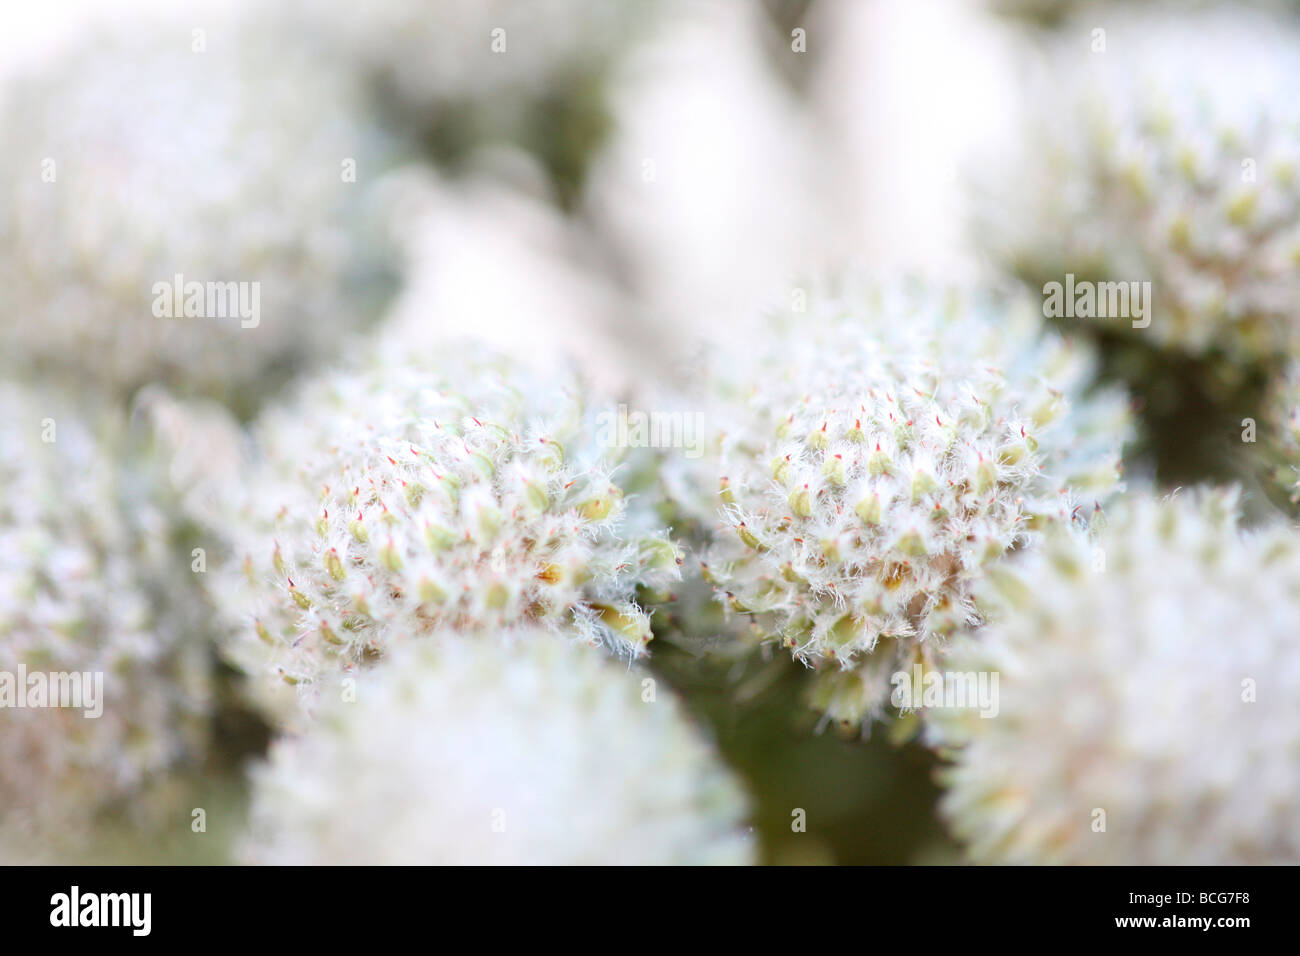 Hermosa imagen de fotograma completo Brunia cabezas de flores fotografía artística Jane Ann Butler Fotografía JABP425 Foto de stock